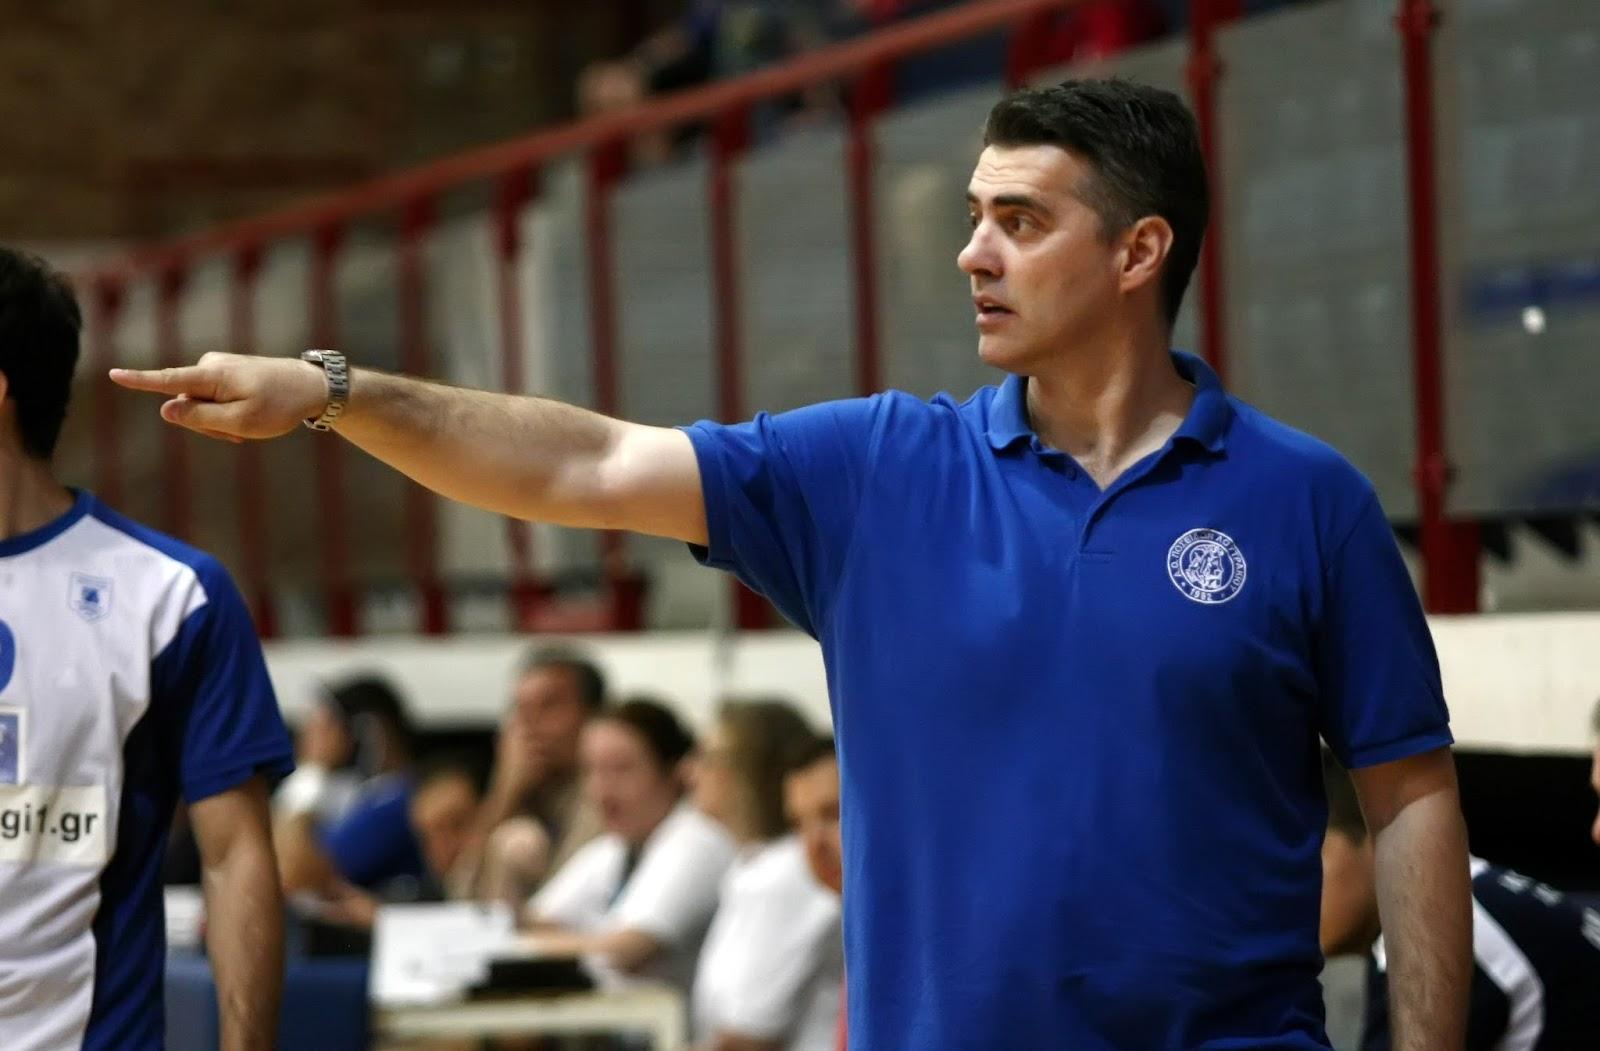 Αποτέλεσμα εικόνας για νίκος γραμματικός handball